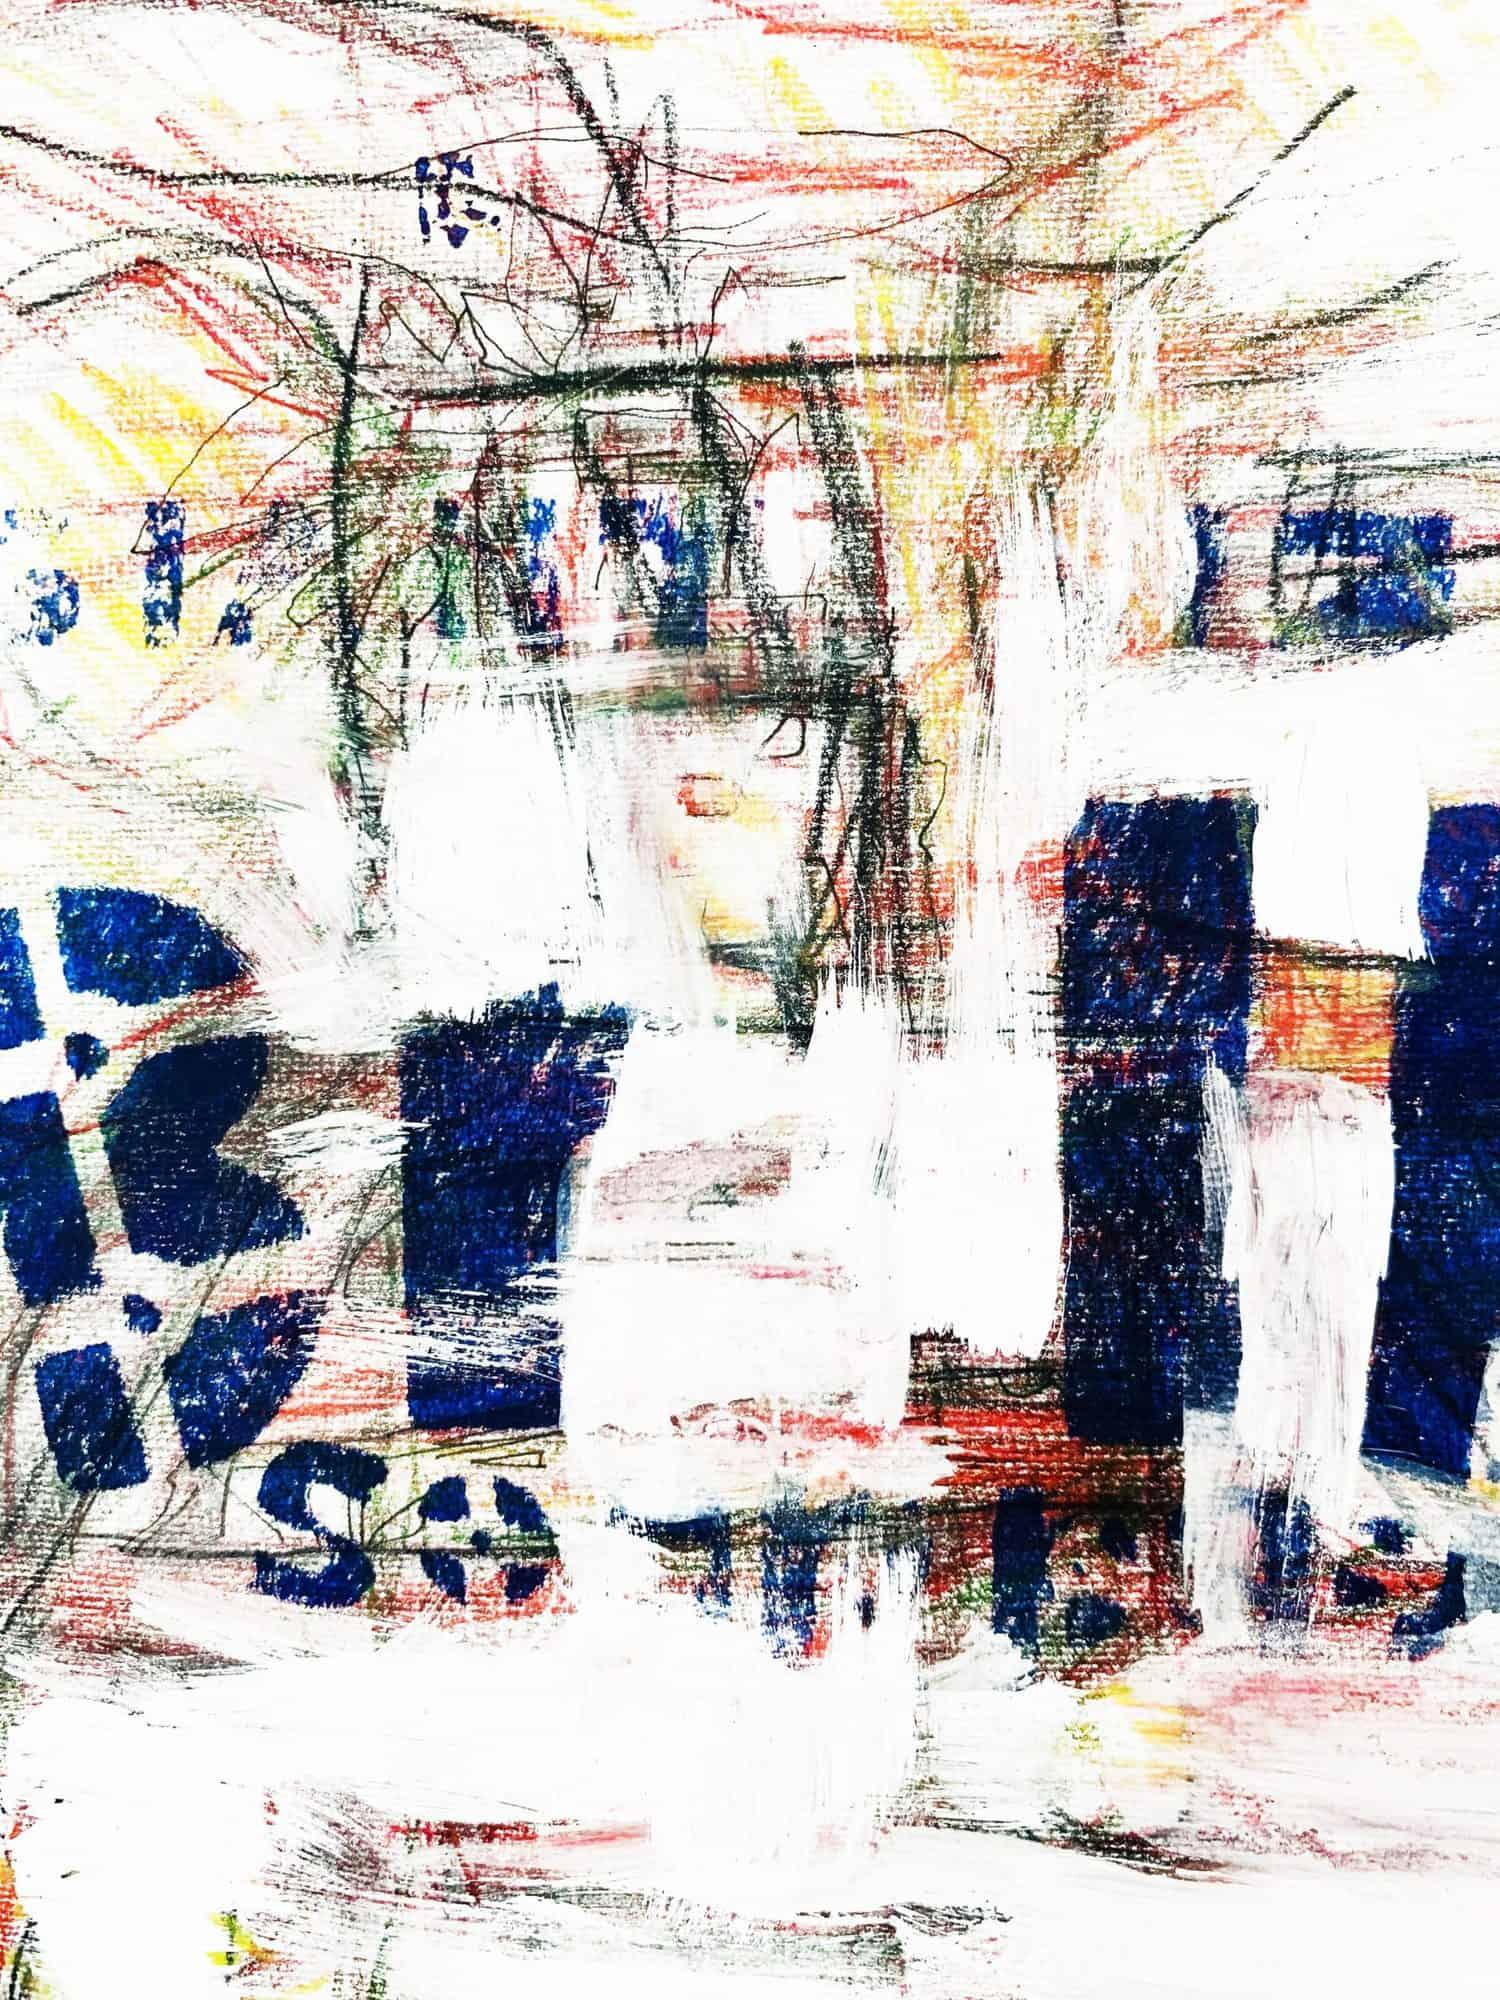 Abstraktes Acrylbild Weiße Helligkeit mit Blau und Zeichnung